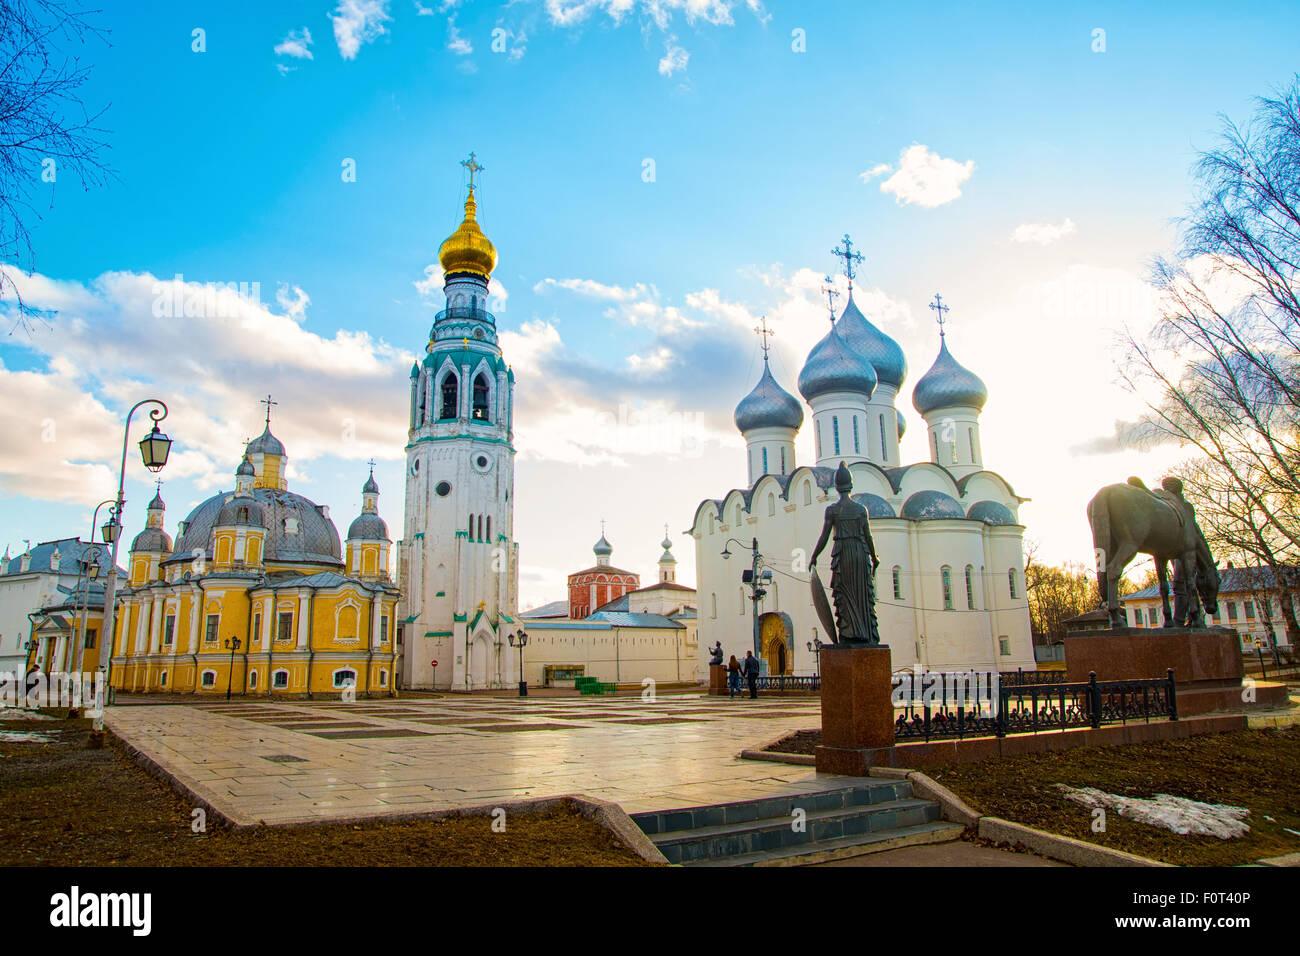 Sophia Cathedral und Bell Tower in der Stadt Vologda. Russland Stockbild